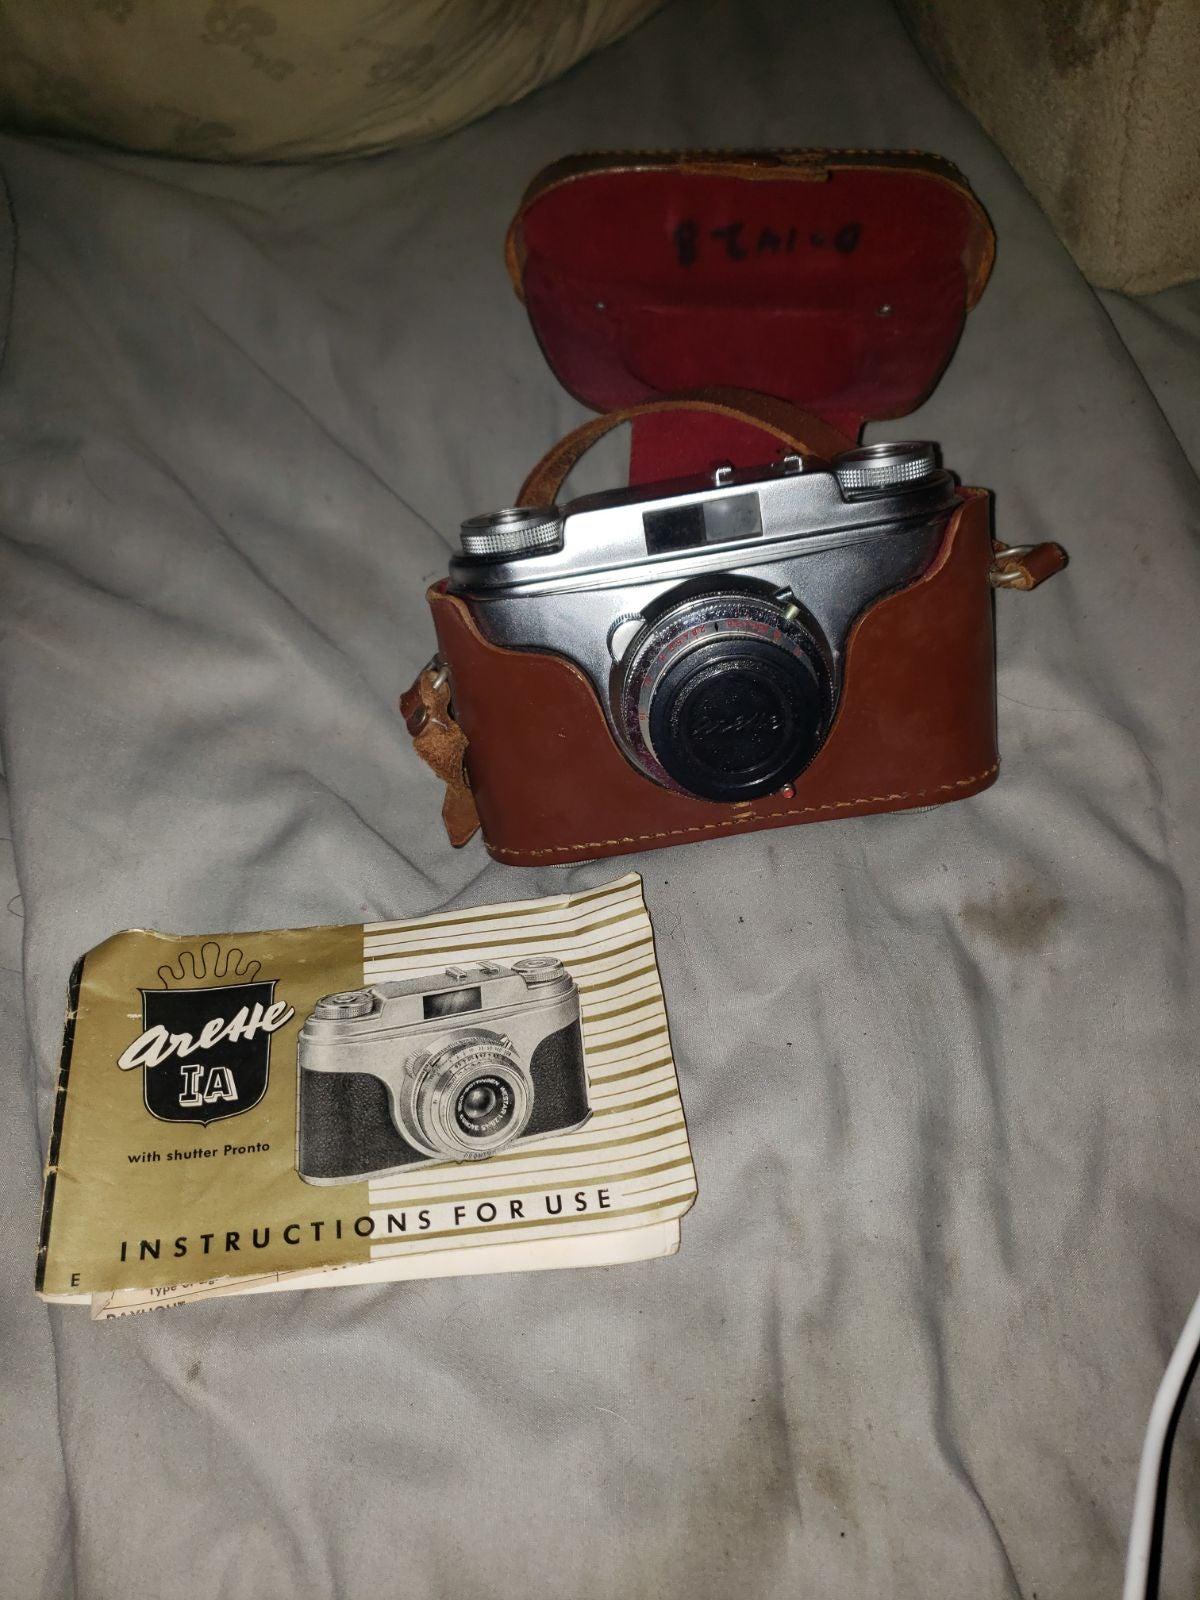 German Vintage Arette ia Camera